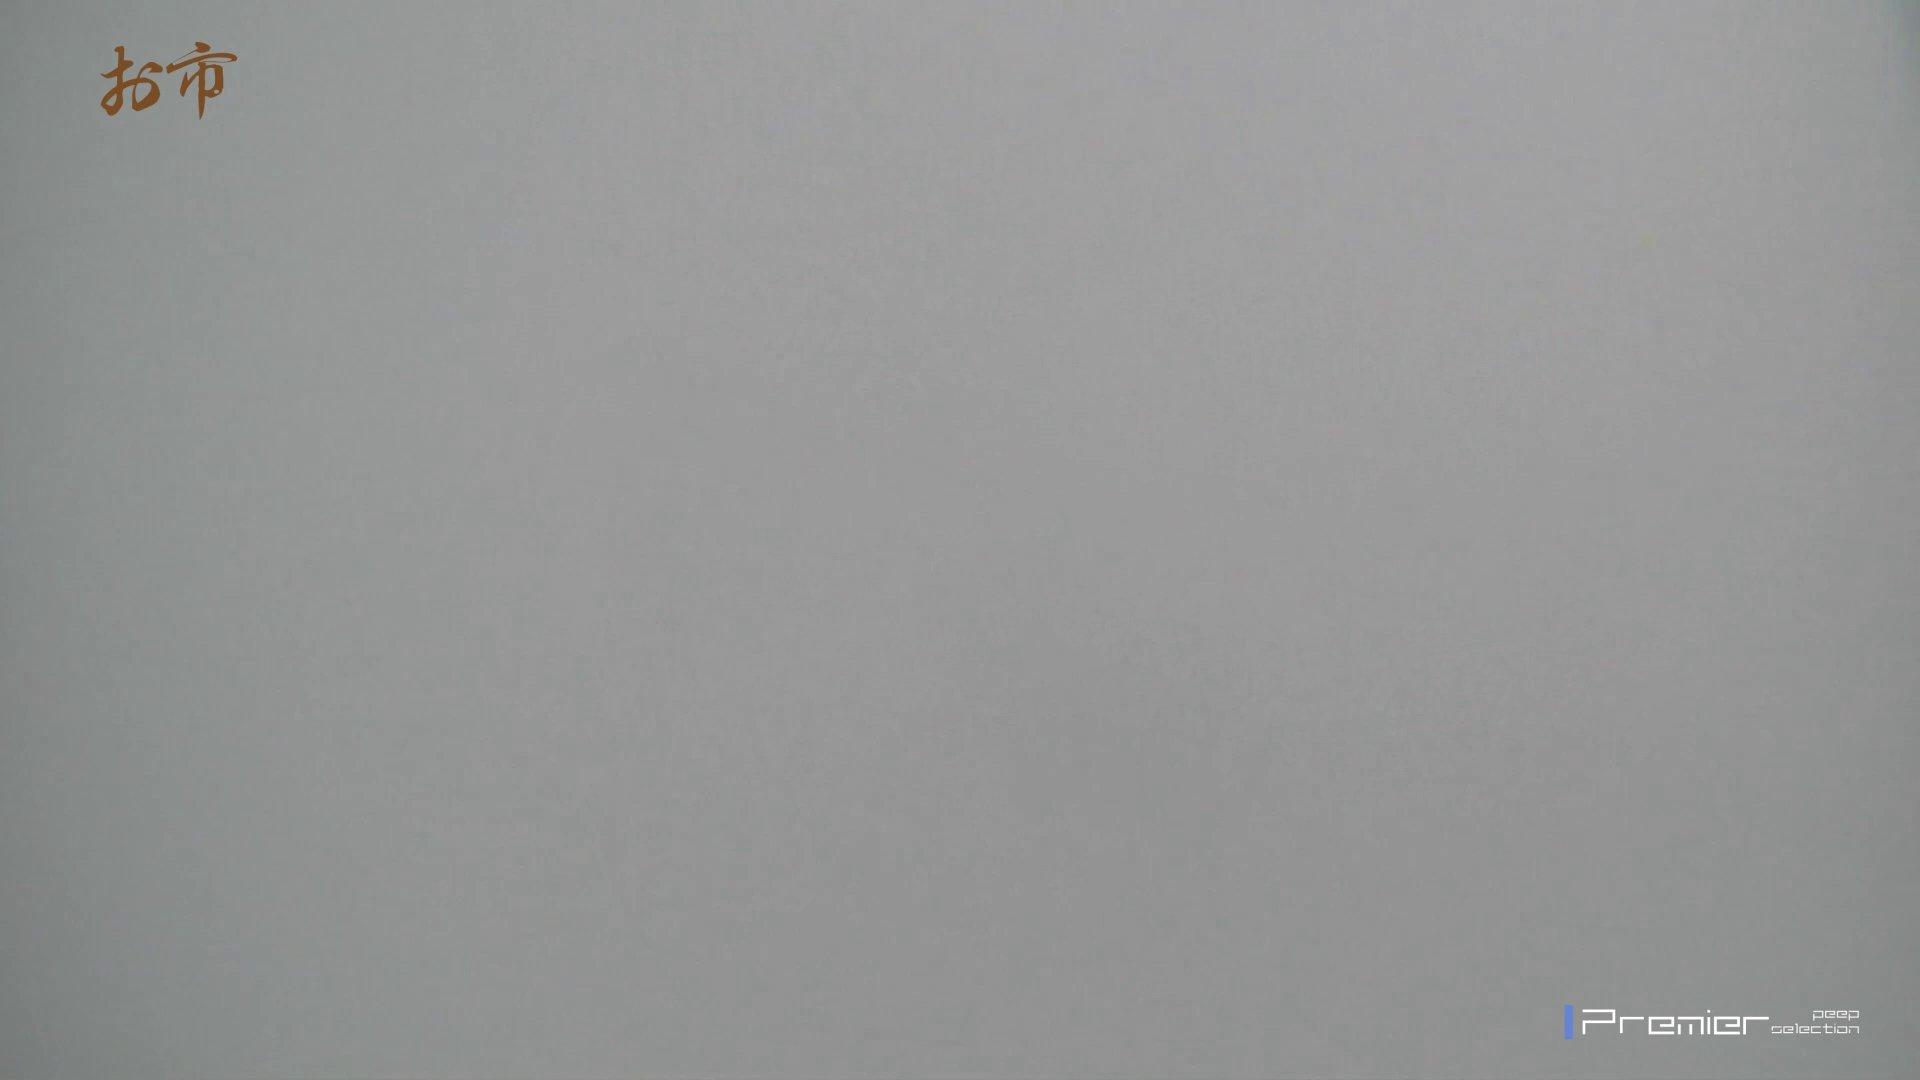 潜入!!台湾名門女学院 Vol.14 ラストコンテンツ!! 美女 オメコ動画キャプチャ 103画像 62